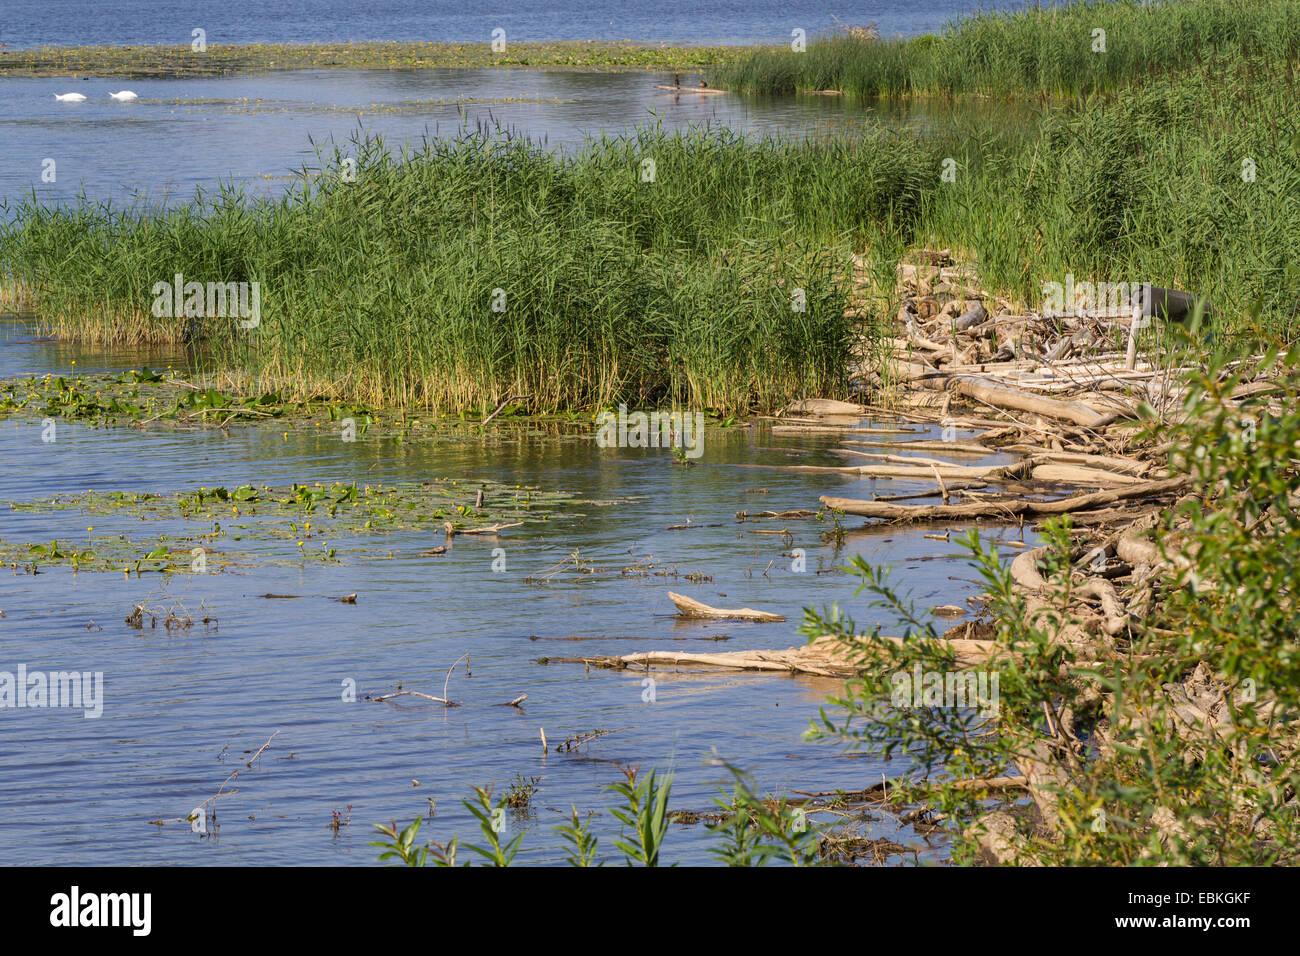 Lakeside avec du bois flotté et Reed, l'Allemagne, la Bavière, le lac de Chiemsee Photo Stock